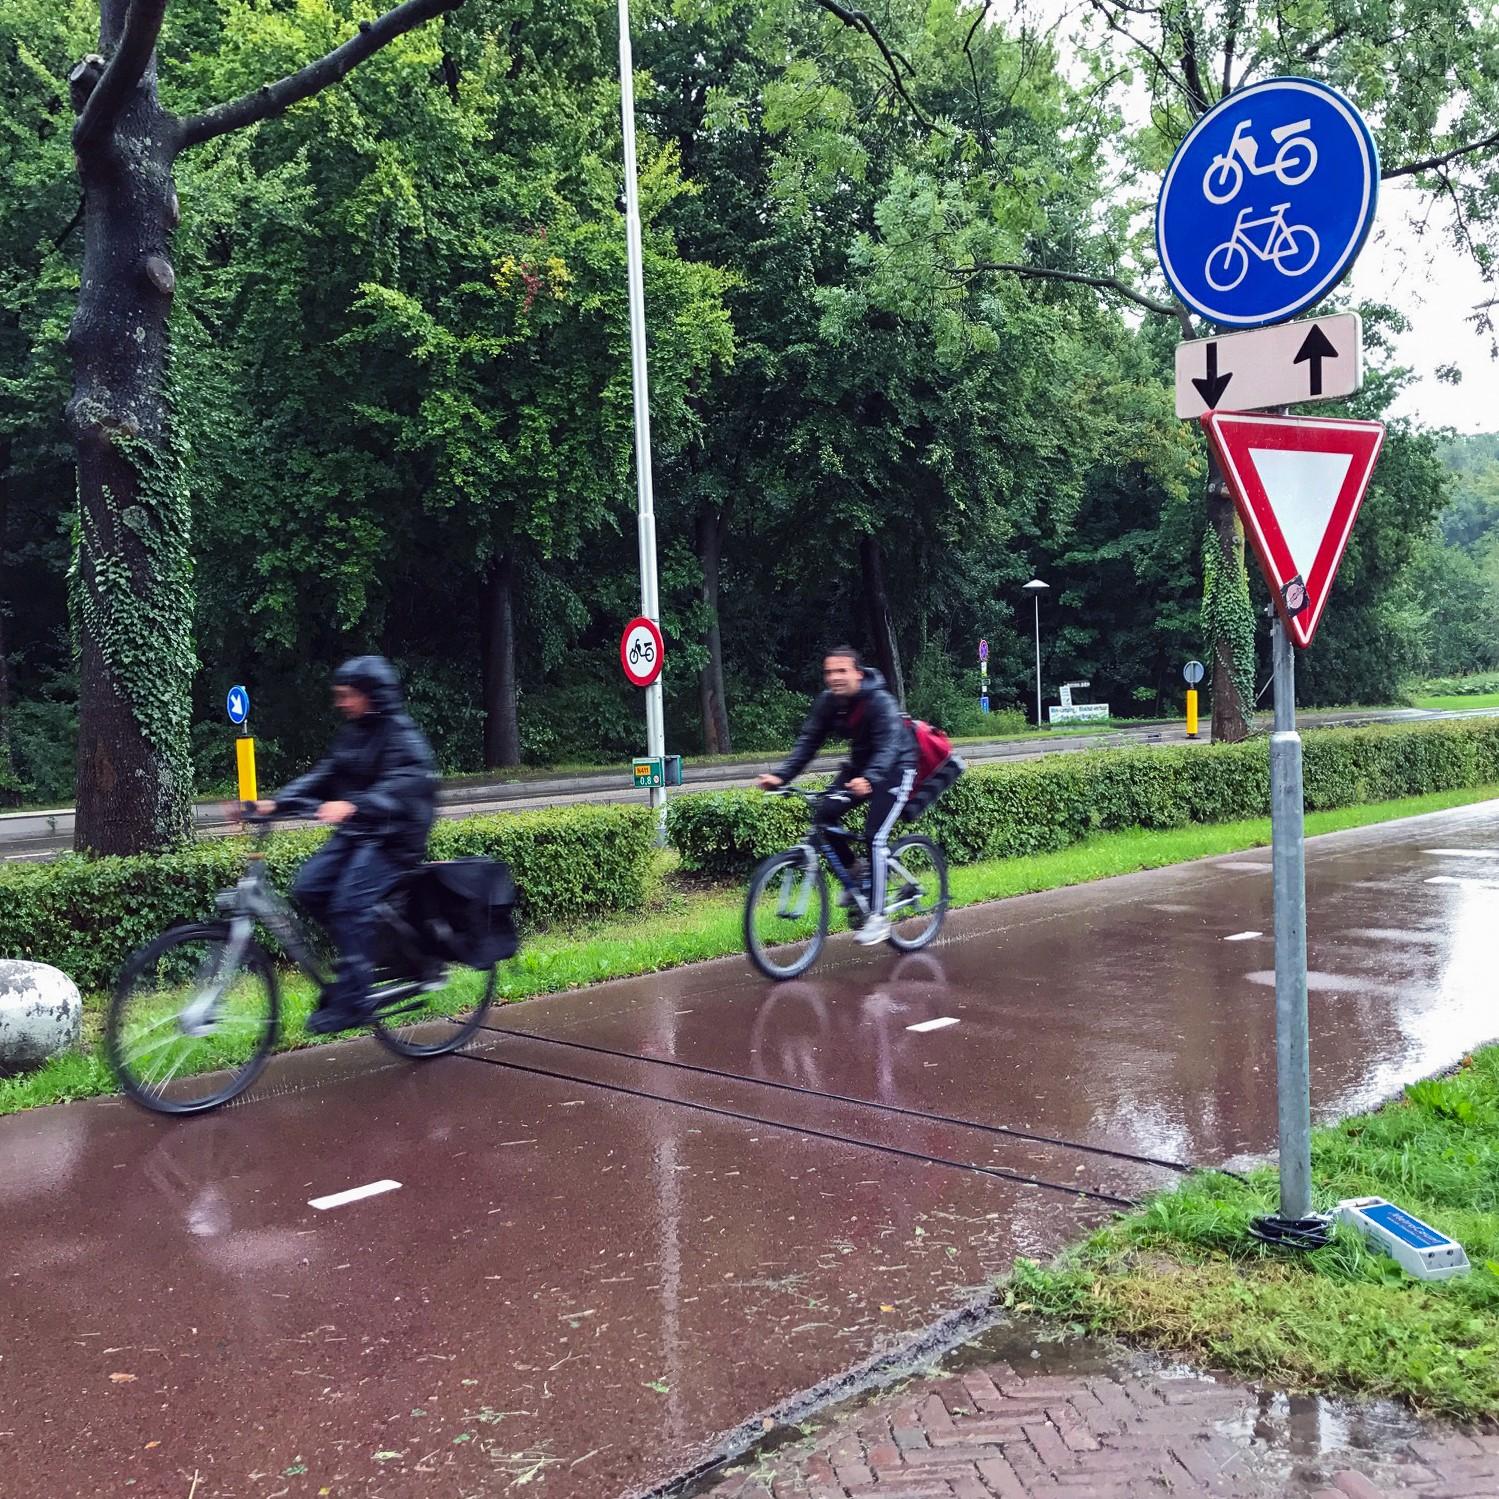 Amsterdam: Monitoring cycling